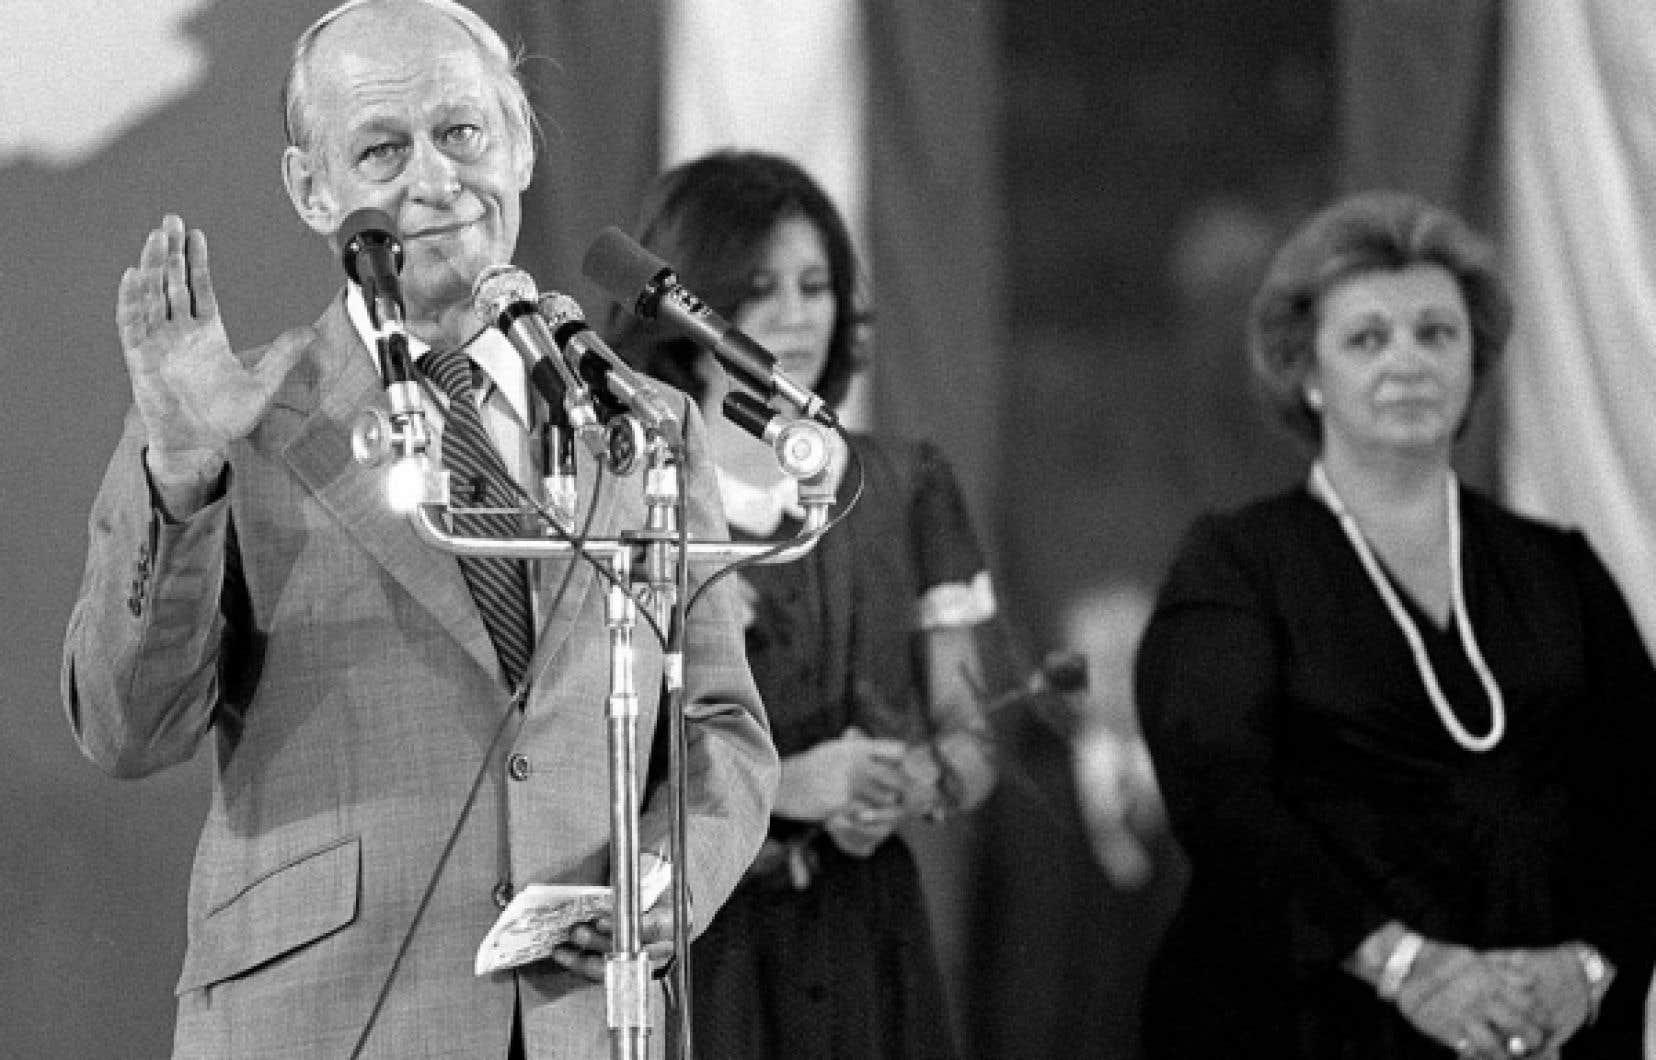 Il y avait 30 ans hier, René Lévesque disait aux Québécois: «À la prochaine fois».